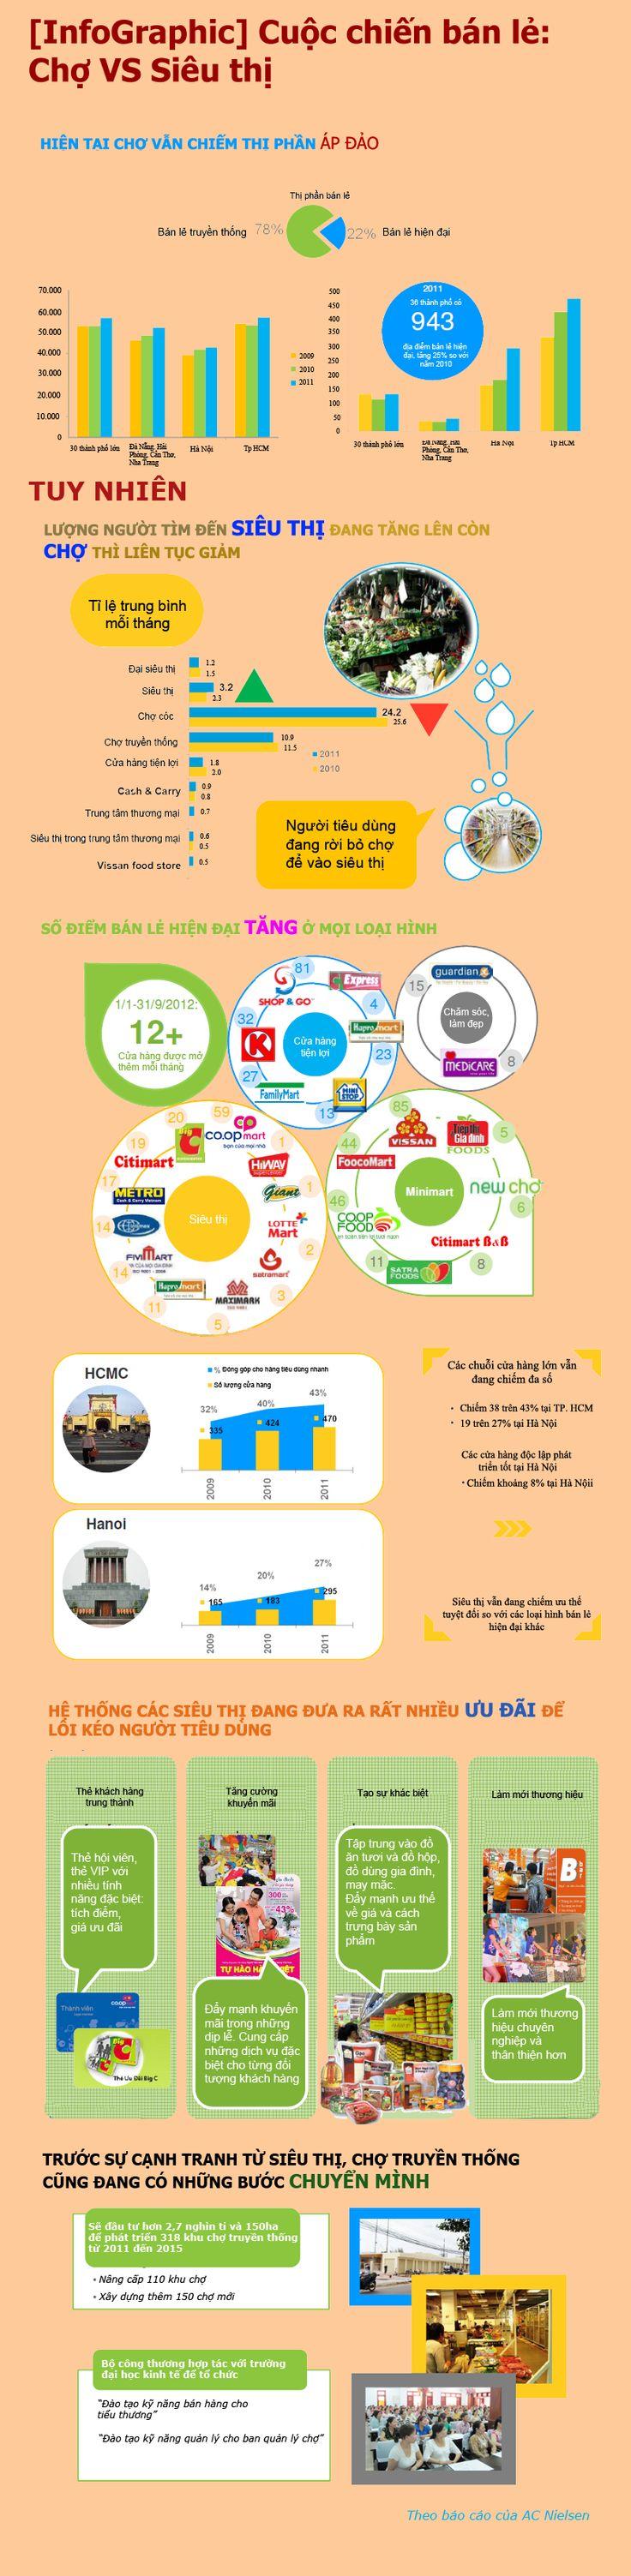 Brands Vietnam - [Infographic] Cuộc chiến giữa chợ và siêu thị